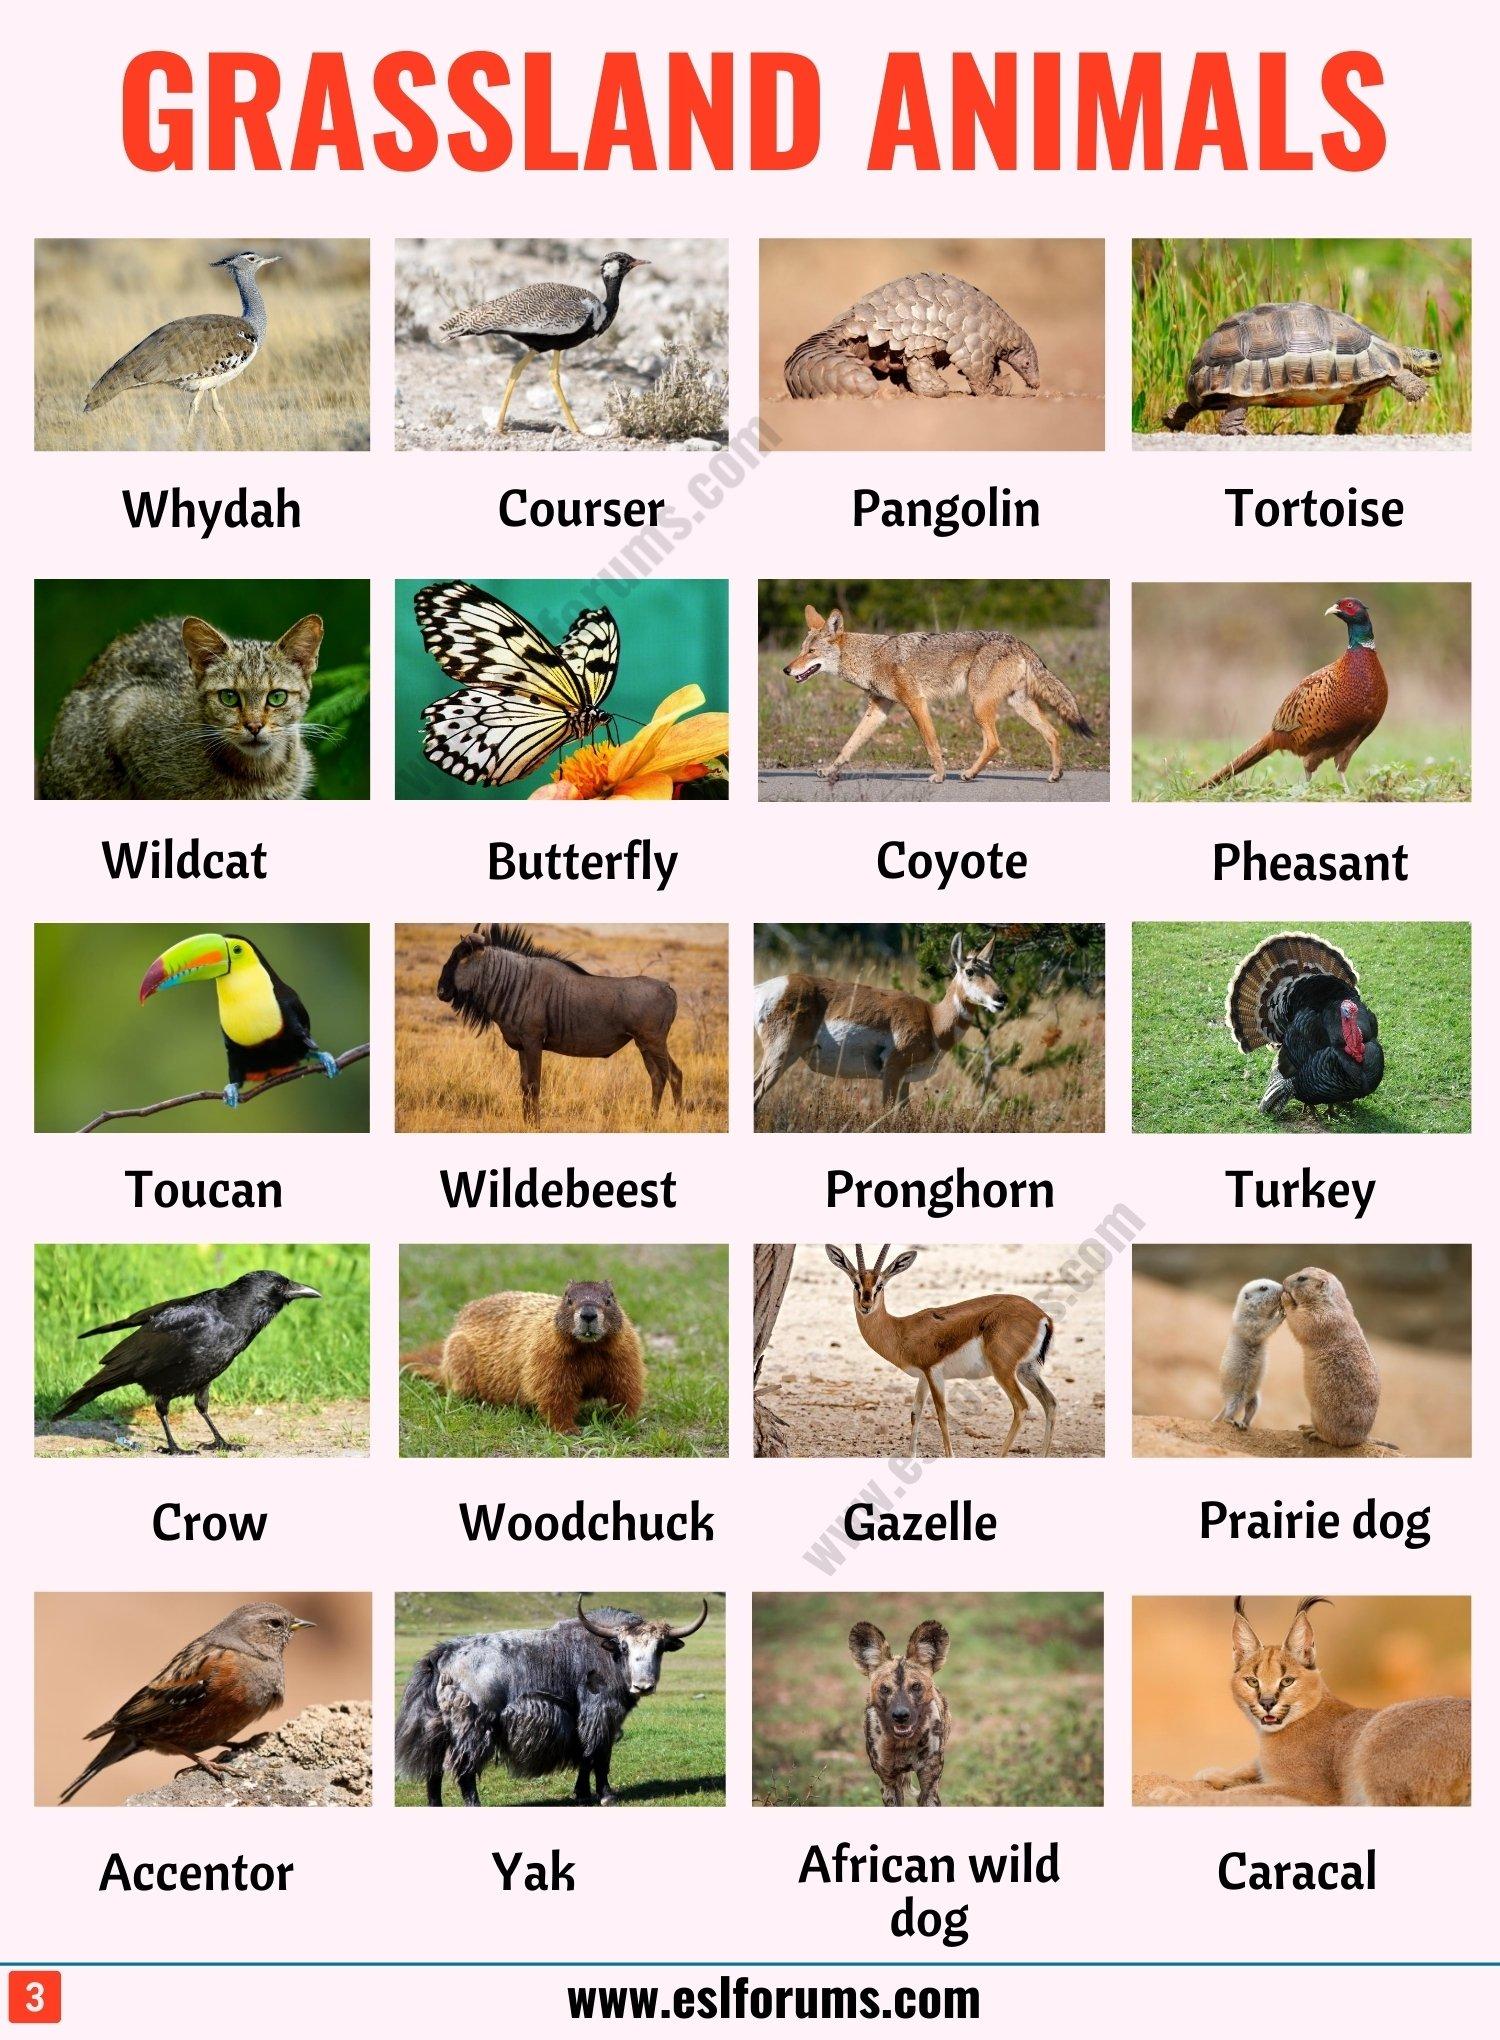 Grassland Animals: List of 80+ Grassland Animals in English with ESL Pictures